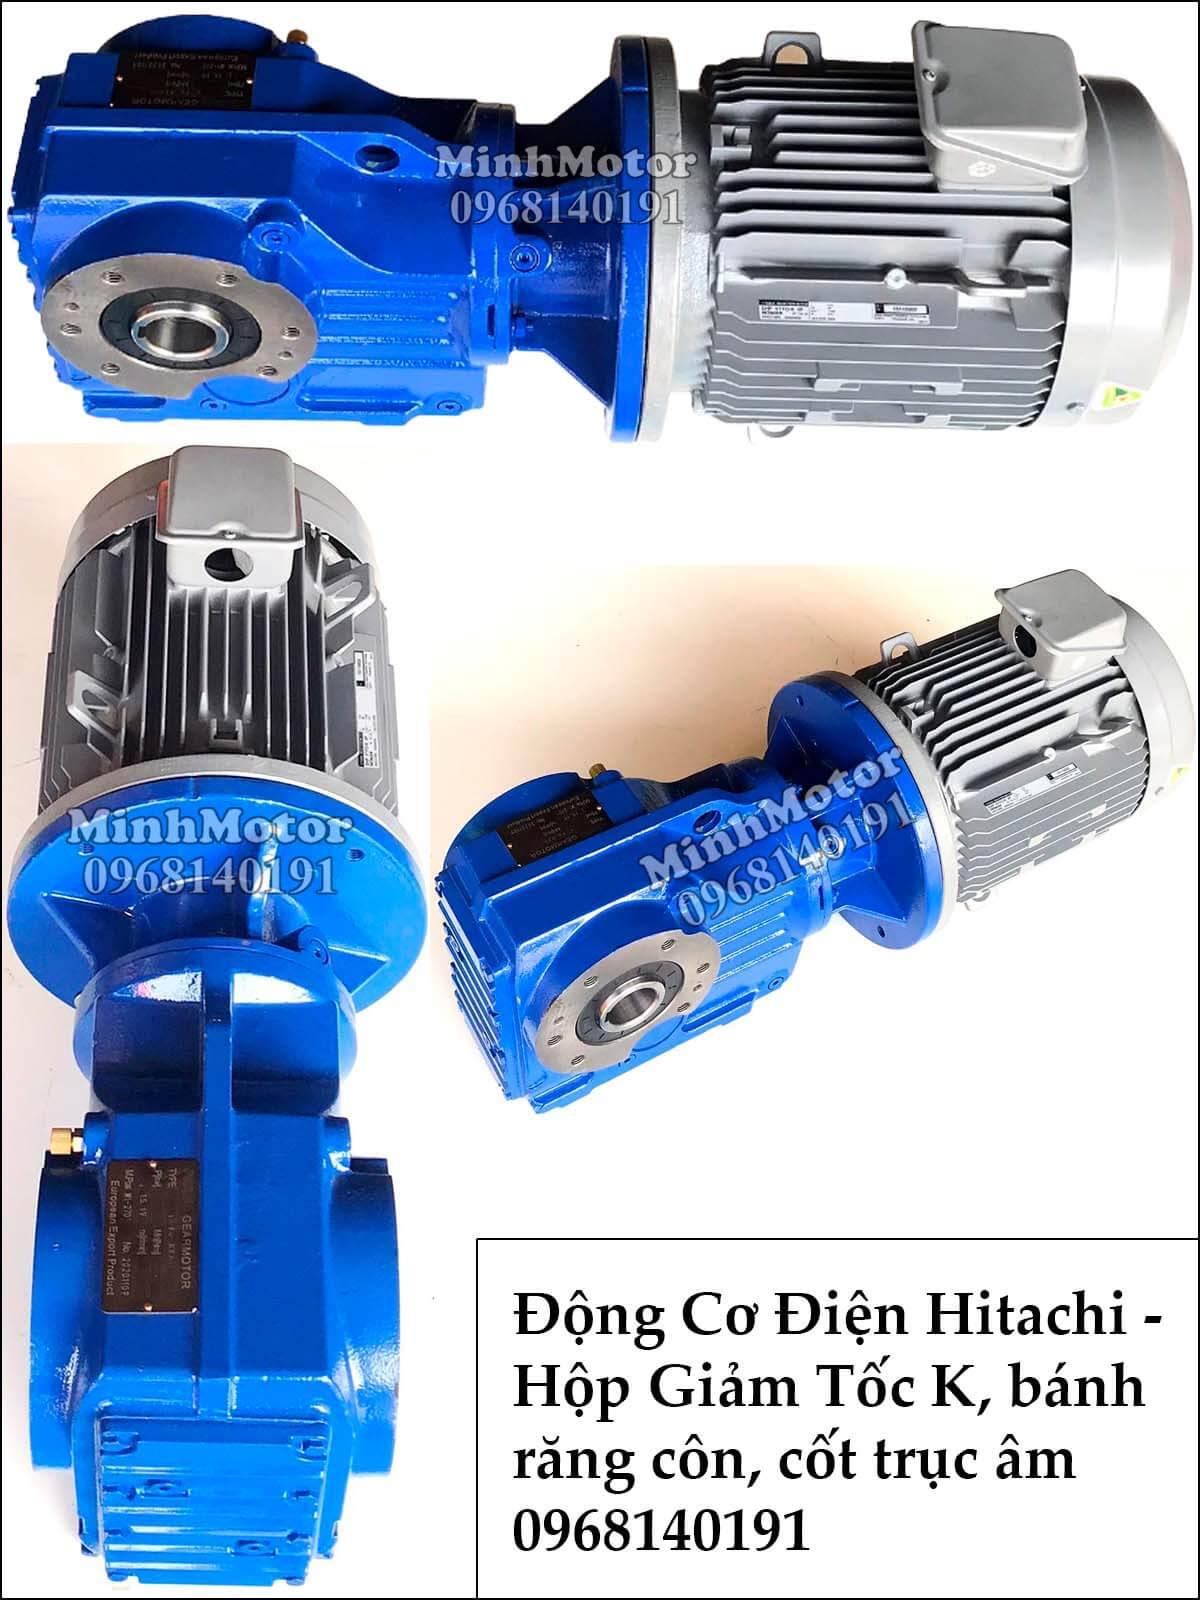 Cách lắp đặt hộp giảm tốc Hitachi bánh răng côn xoắn K âm